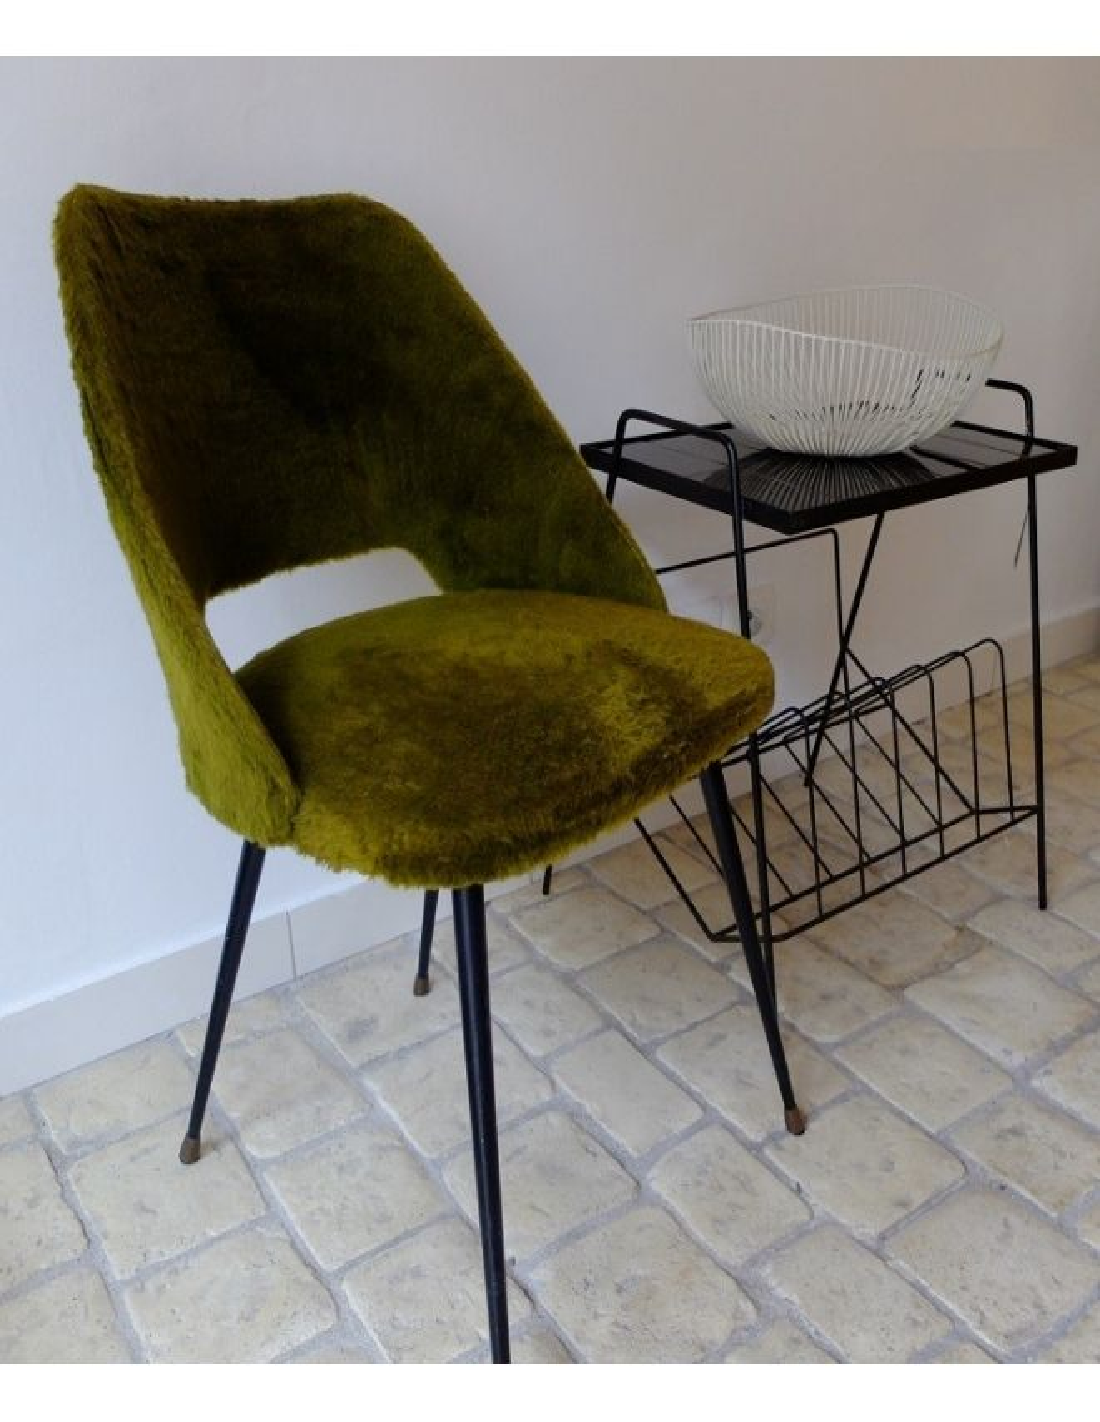 chaise en moumoute kaki. Black Bedroom Furniture Sets. Home Design Ideas